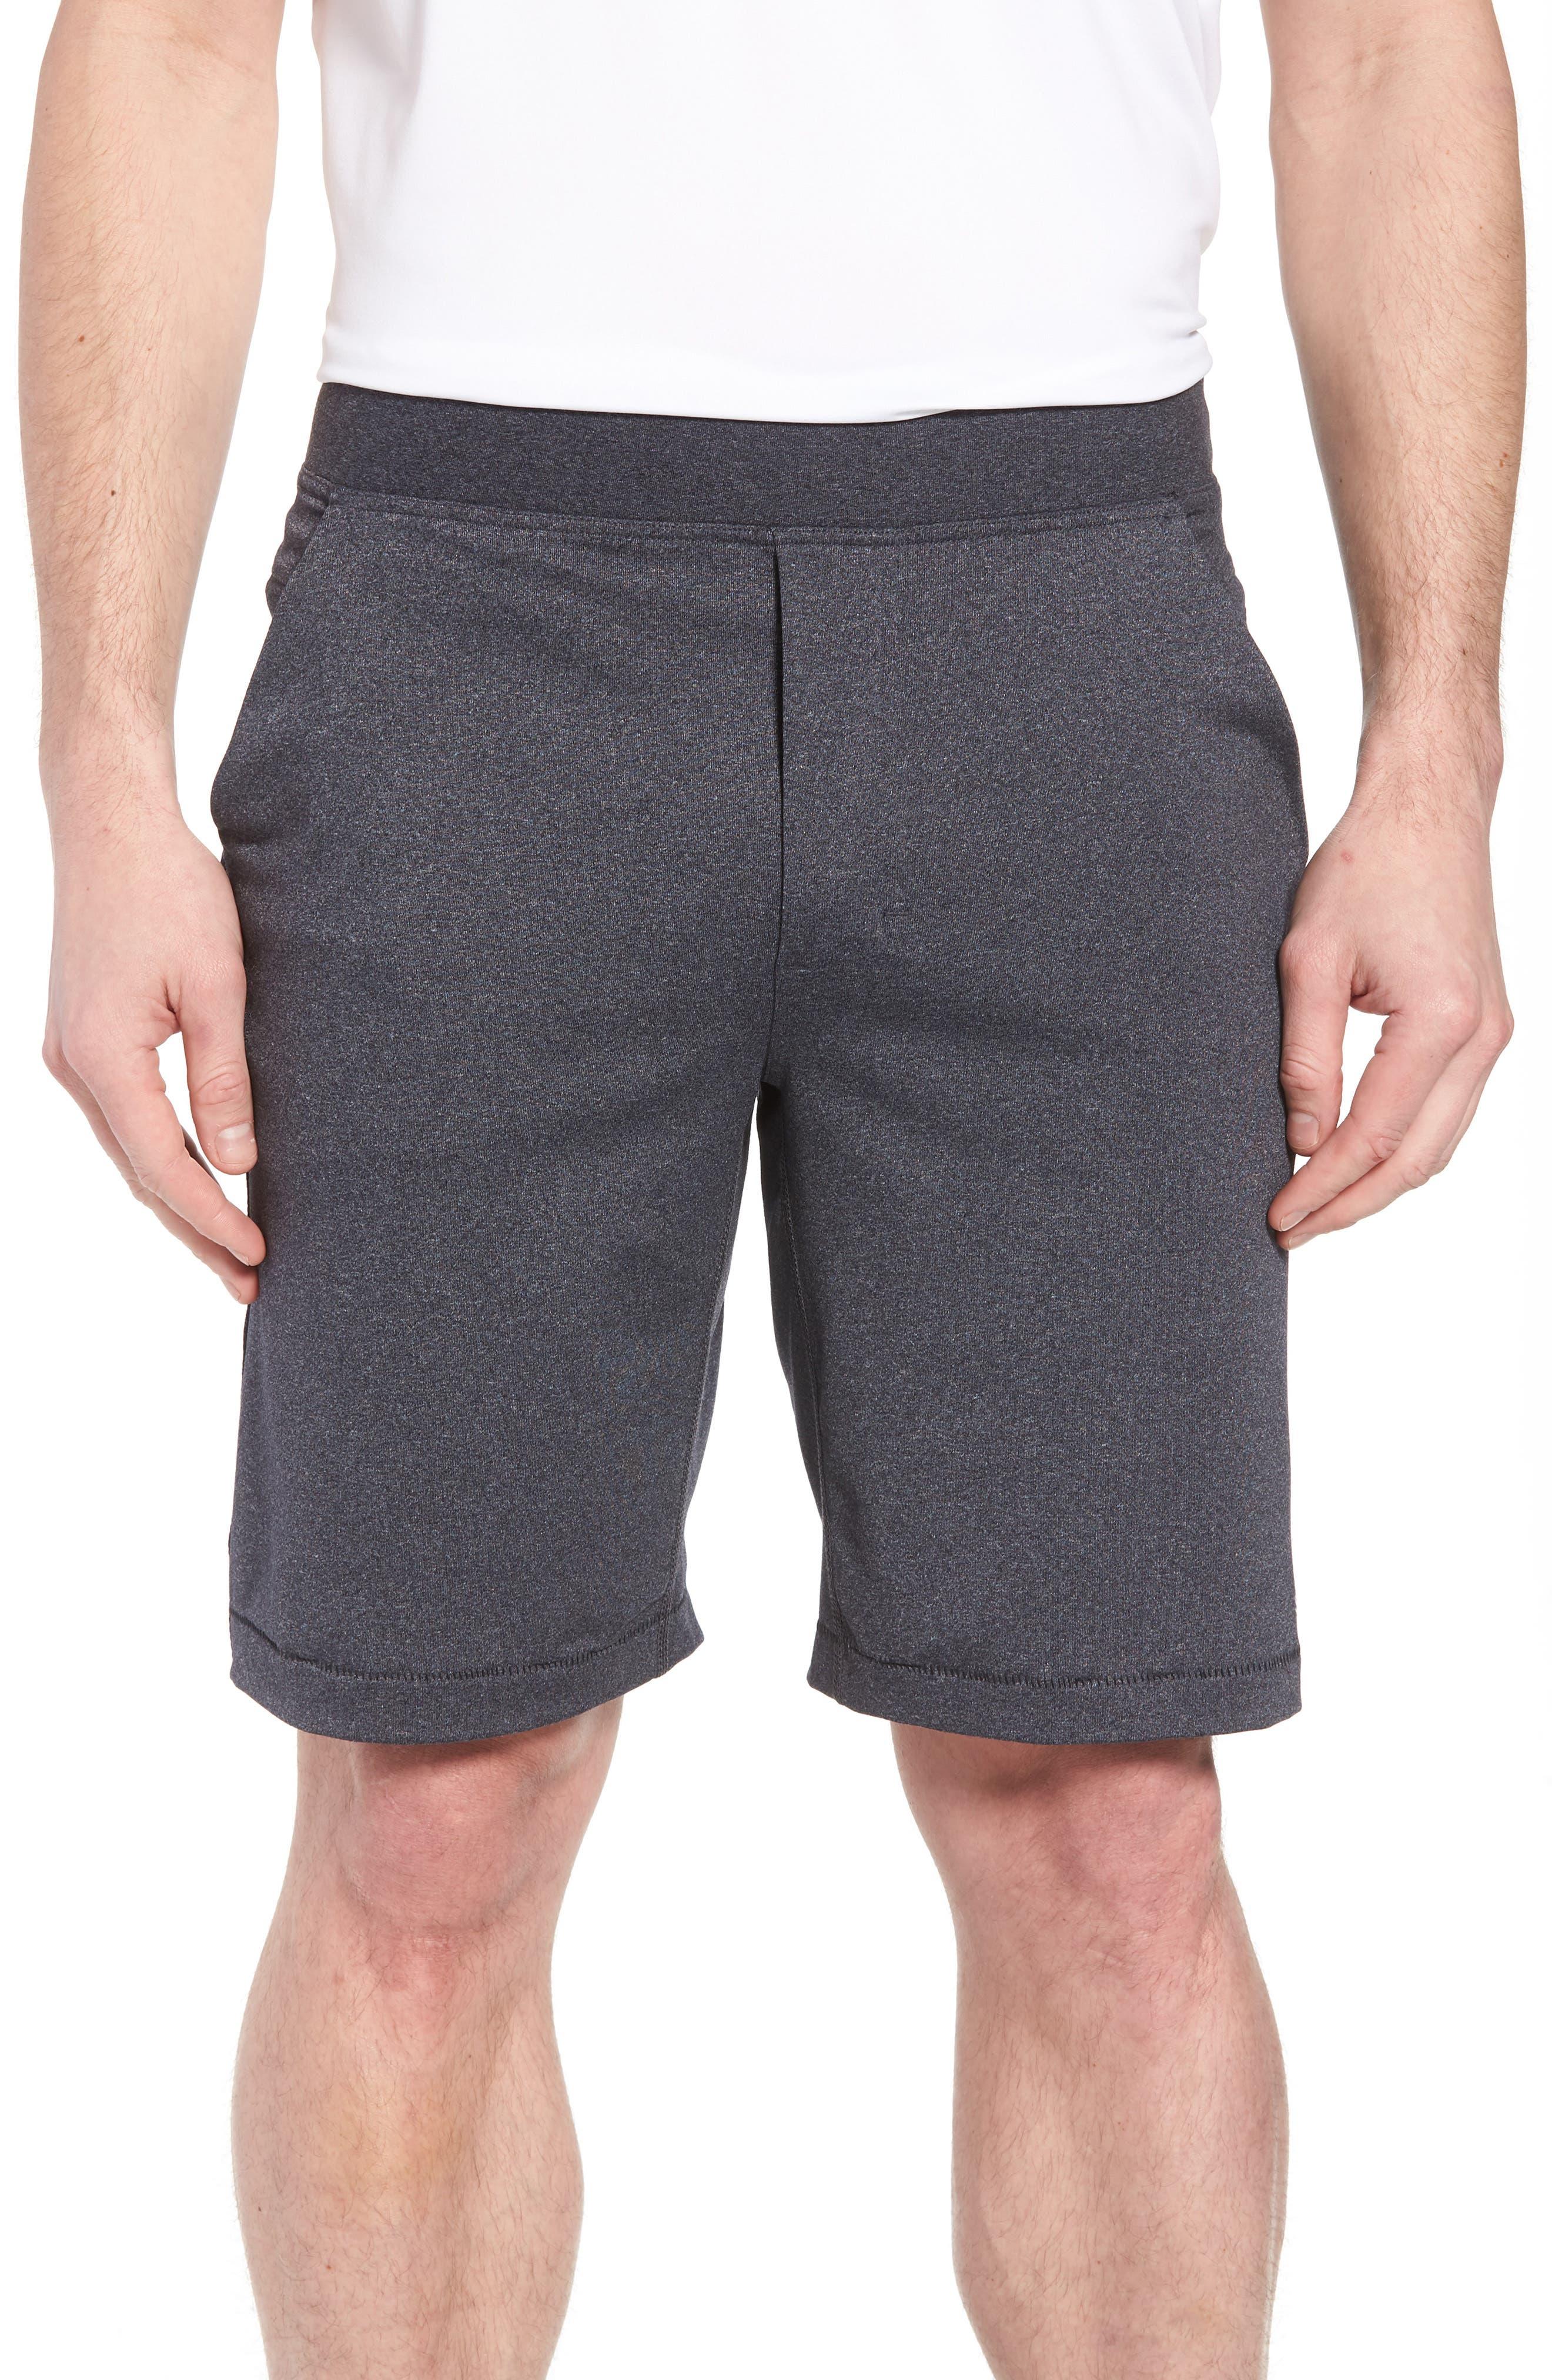 206 Shorts,                             Main thumbnail 1, color,                             Charcoal